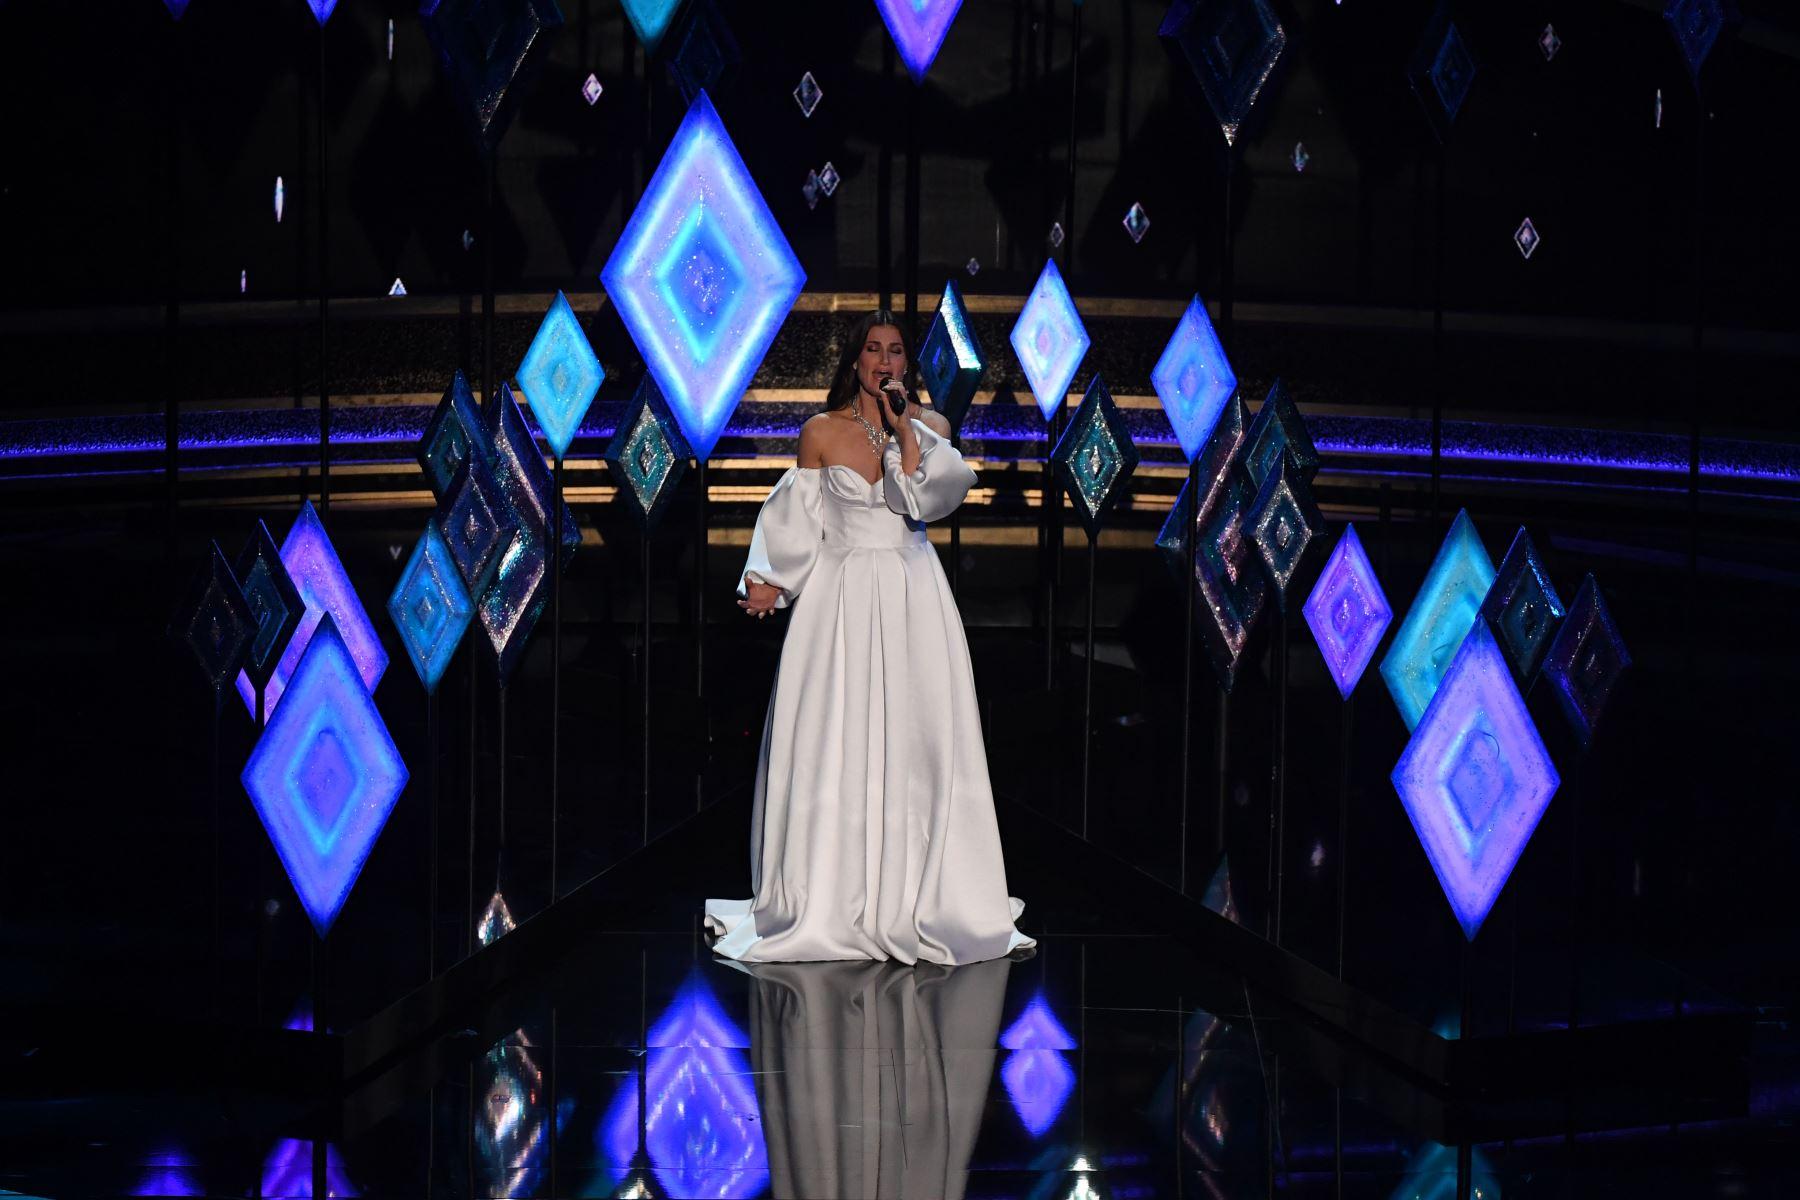 La actriz y cantante estadounidense Idina Menzel se presenta en el escenario durante los 92o Oscars en el Dolby Theatre de Hollywood. Foto: AFP